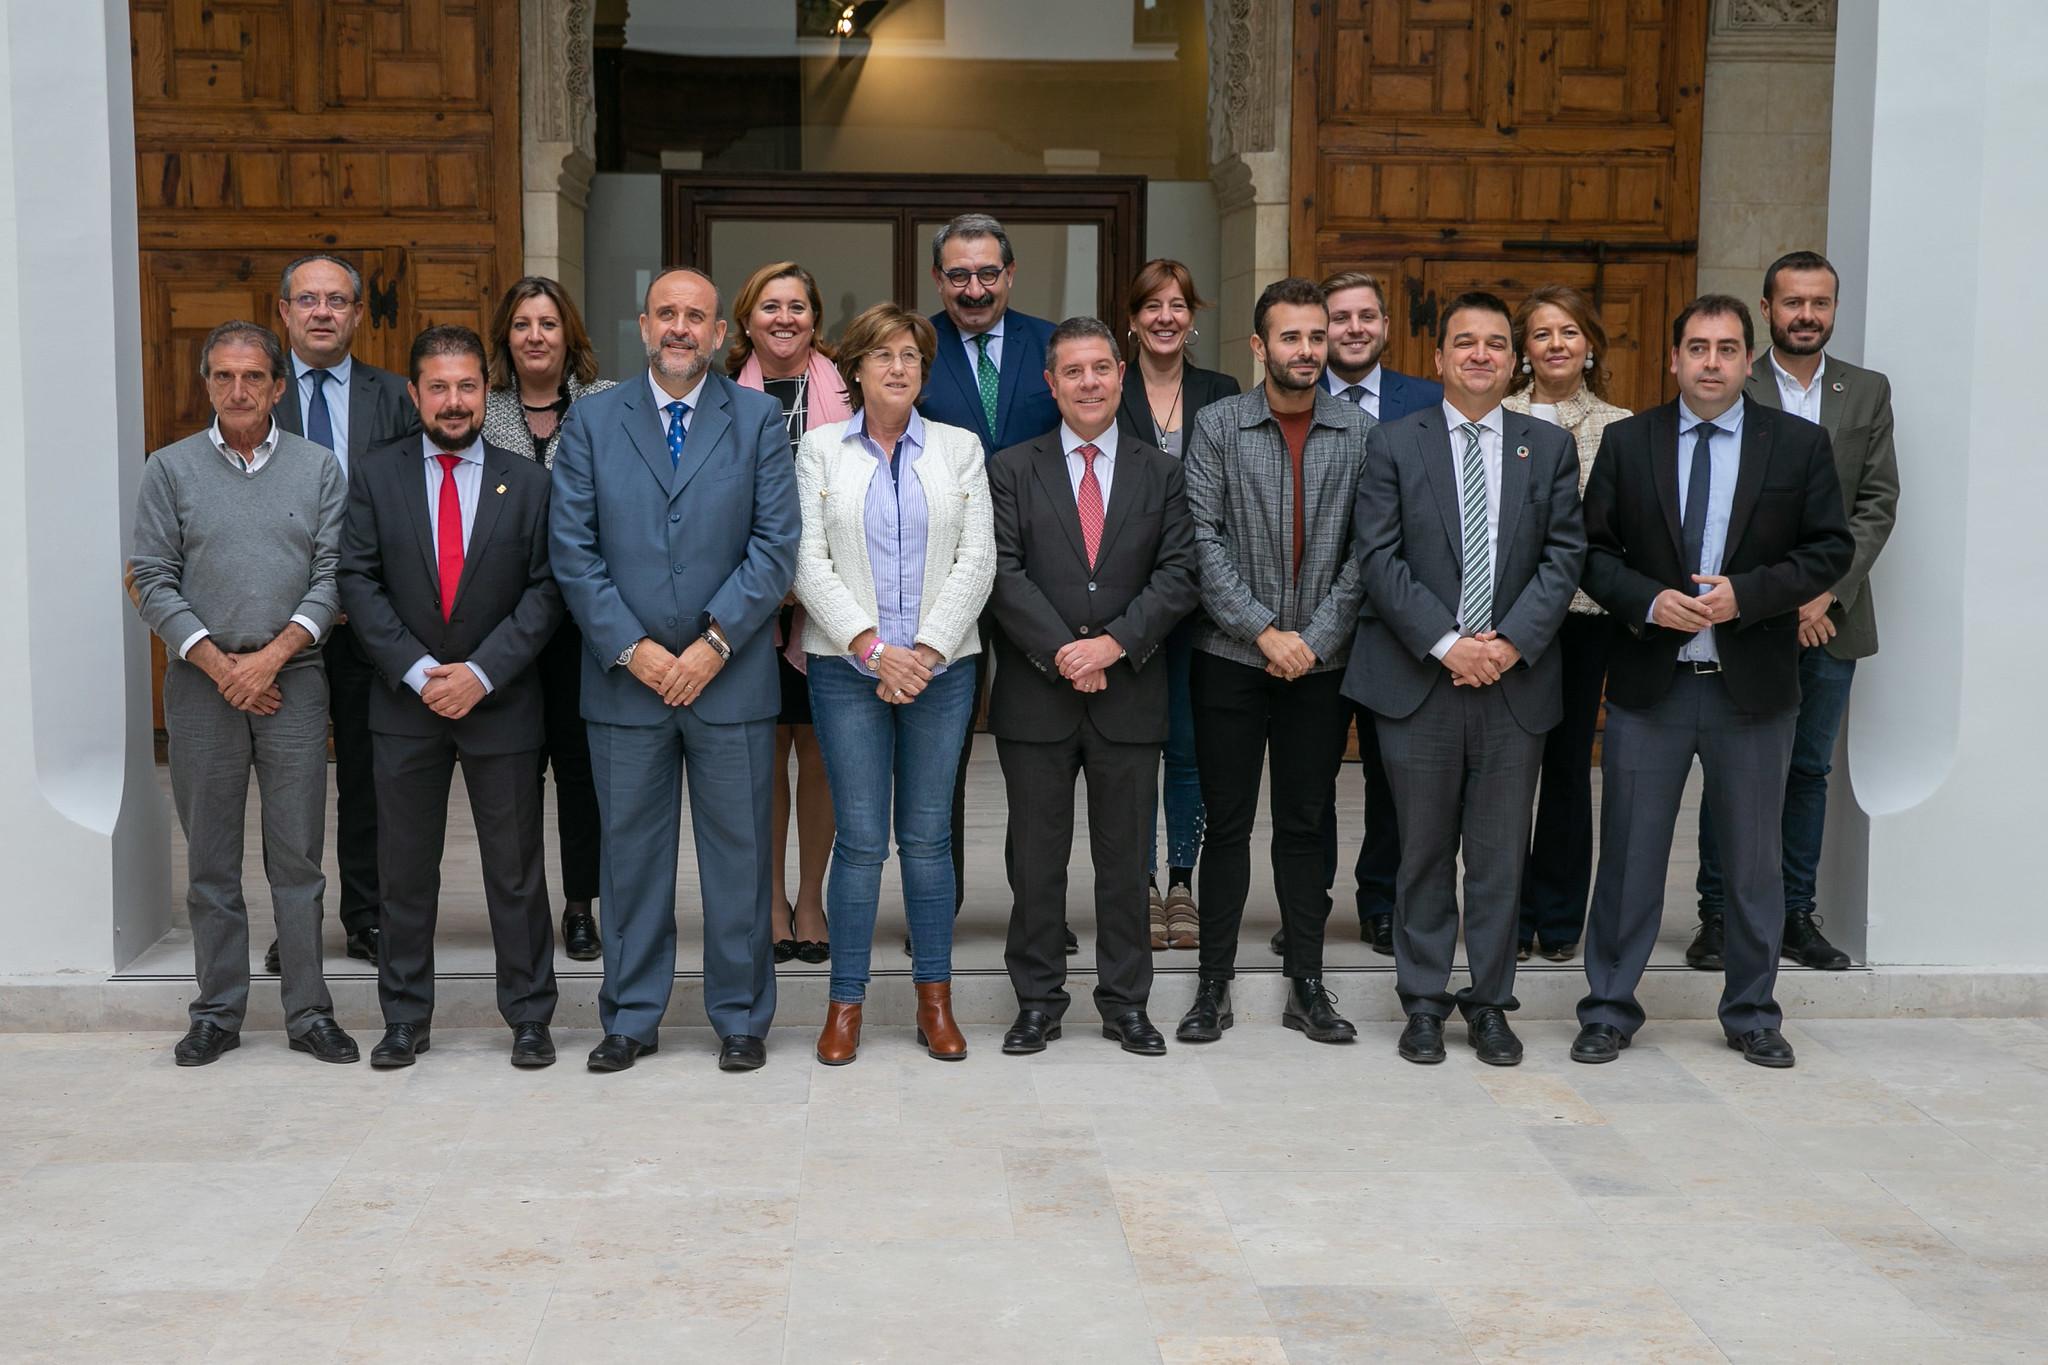 El presidente de Castilla-La Mancha, Emiliano García-Page, preside el Consejo de Gobierno abierto a representantes de los municipios ribereños de Entrepeñas y Buendía